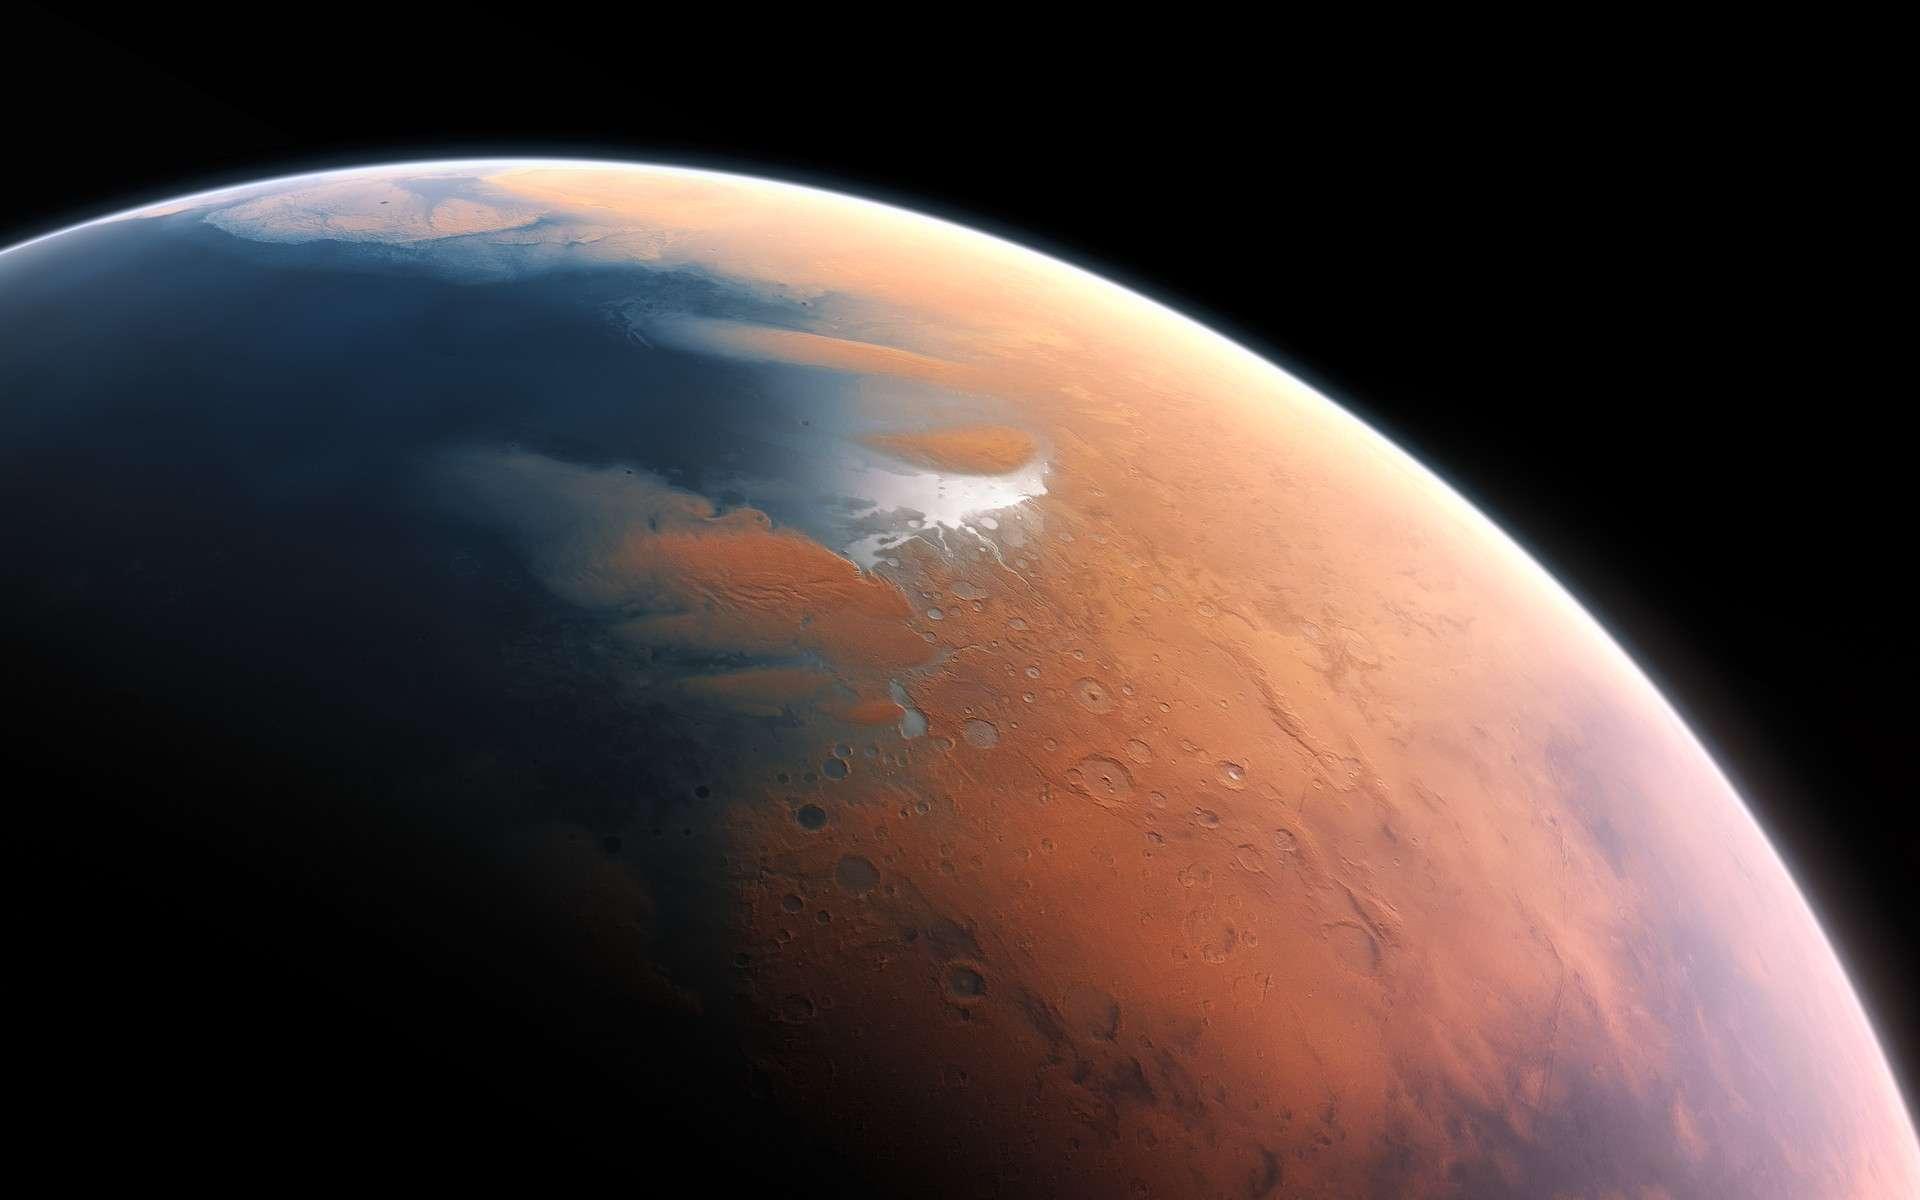 Illustration de Mars en partie recouverte d'eau liquide. © ESO, M. Kornmesser